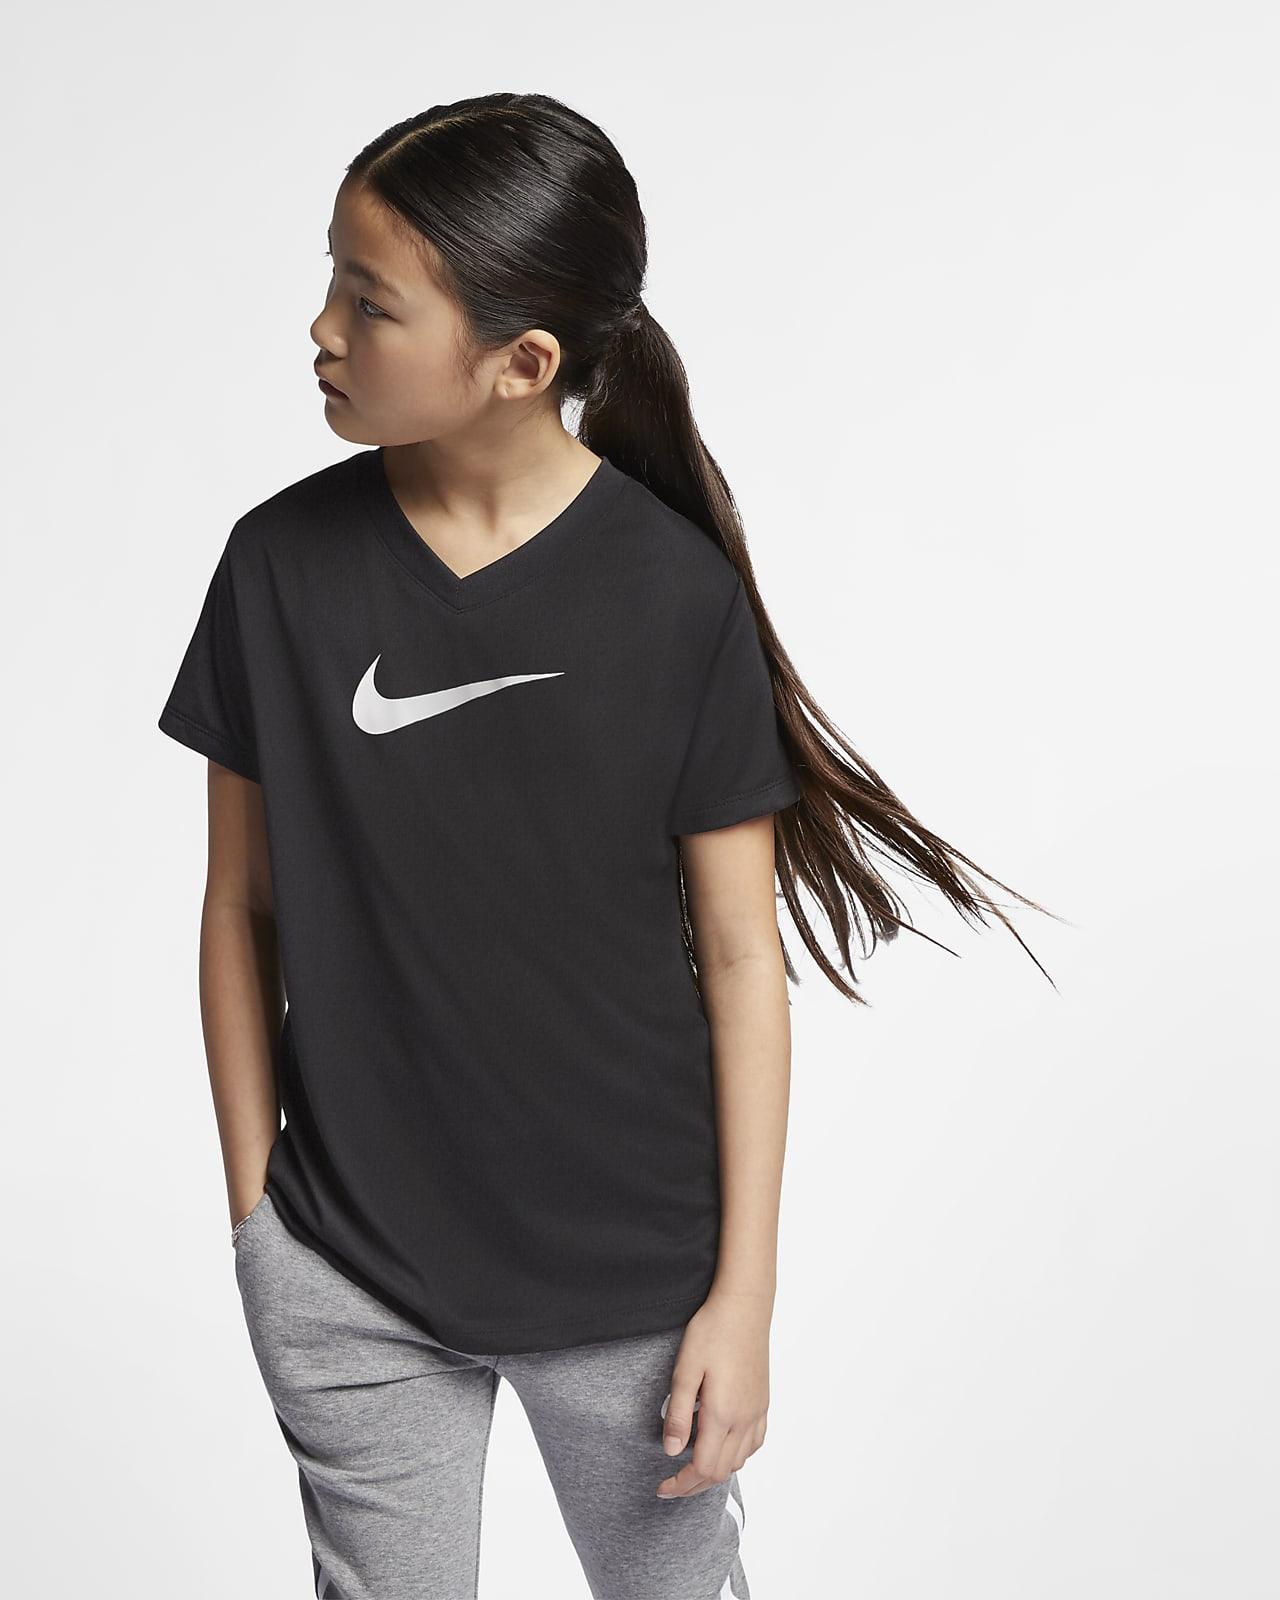 Nike Dri-FIT Trainings-T-Shirt mit Swoosh für ältere Kinder